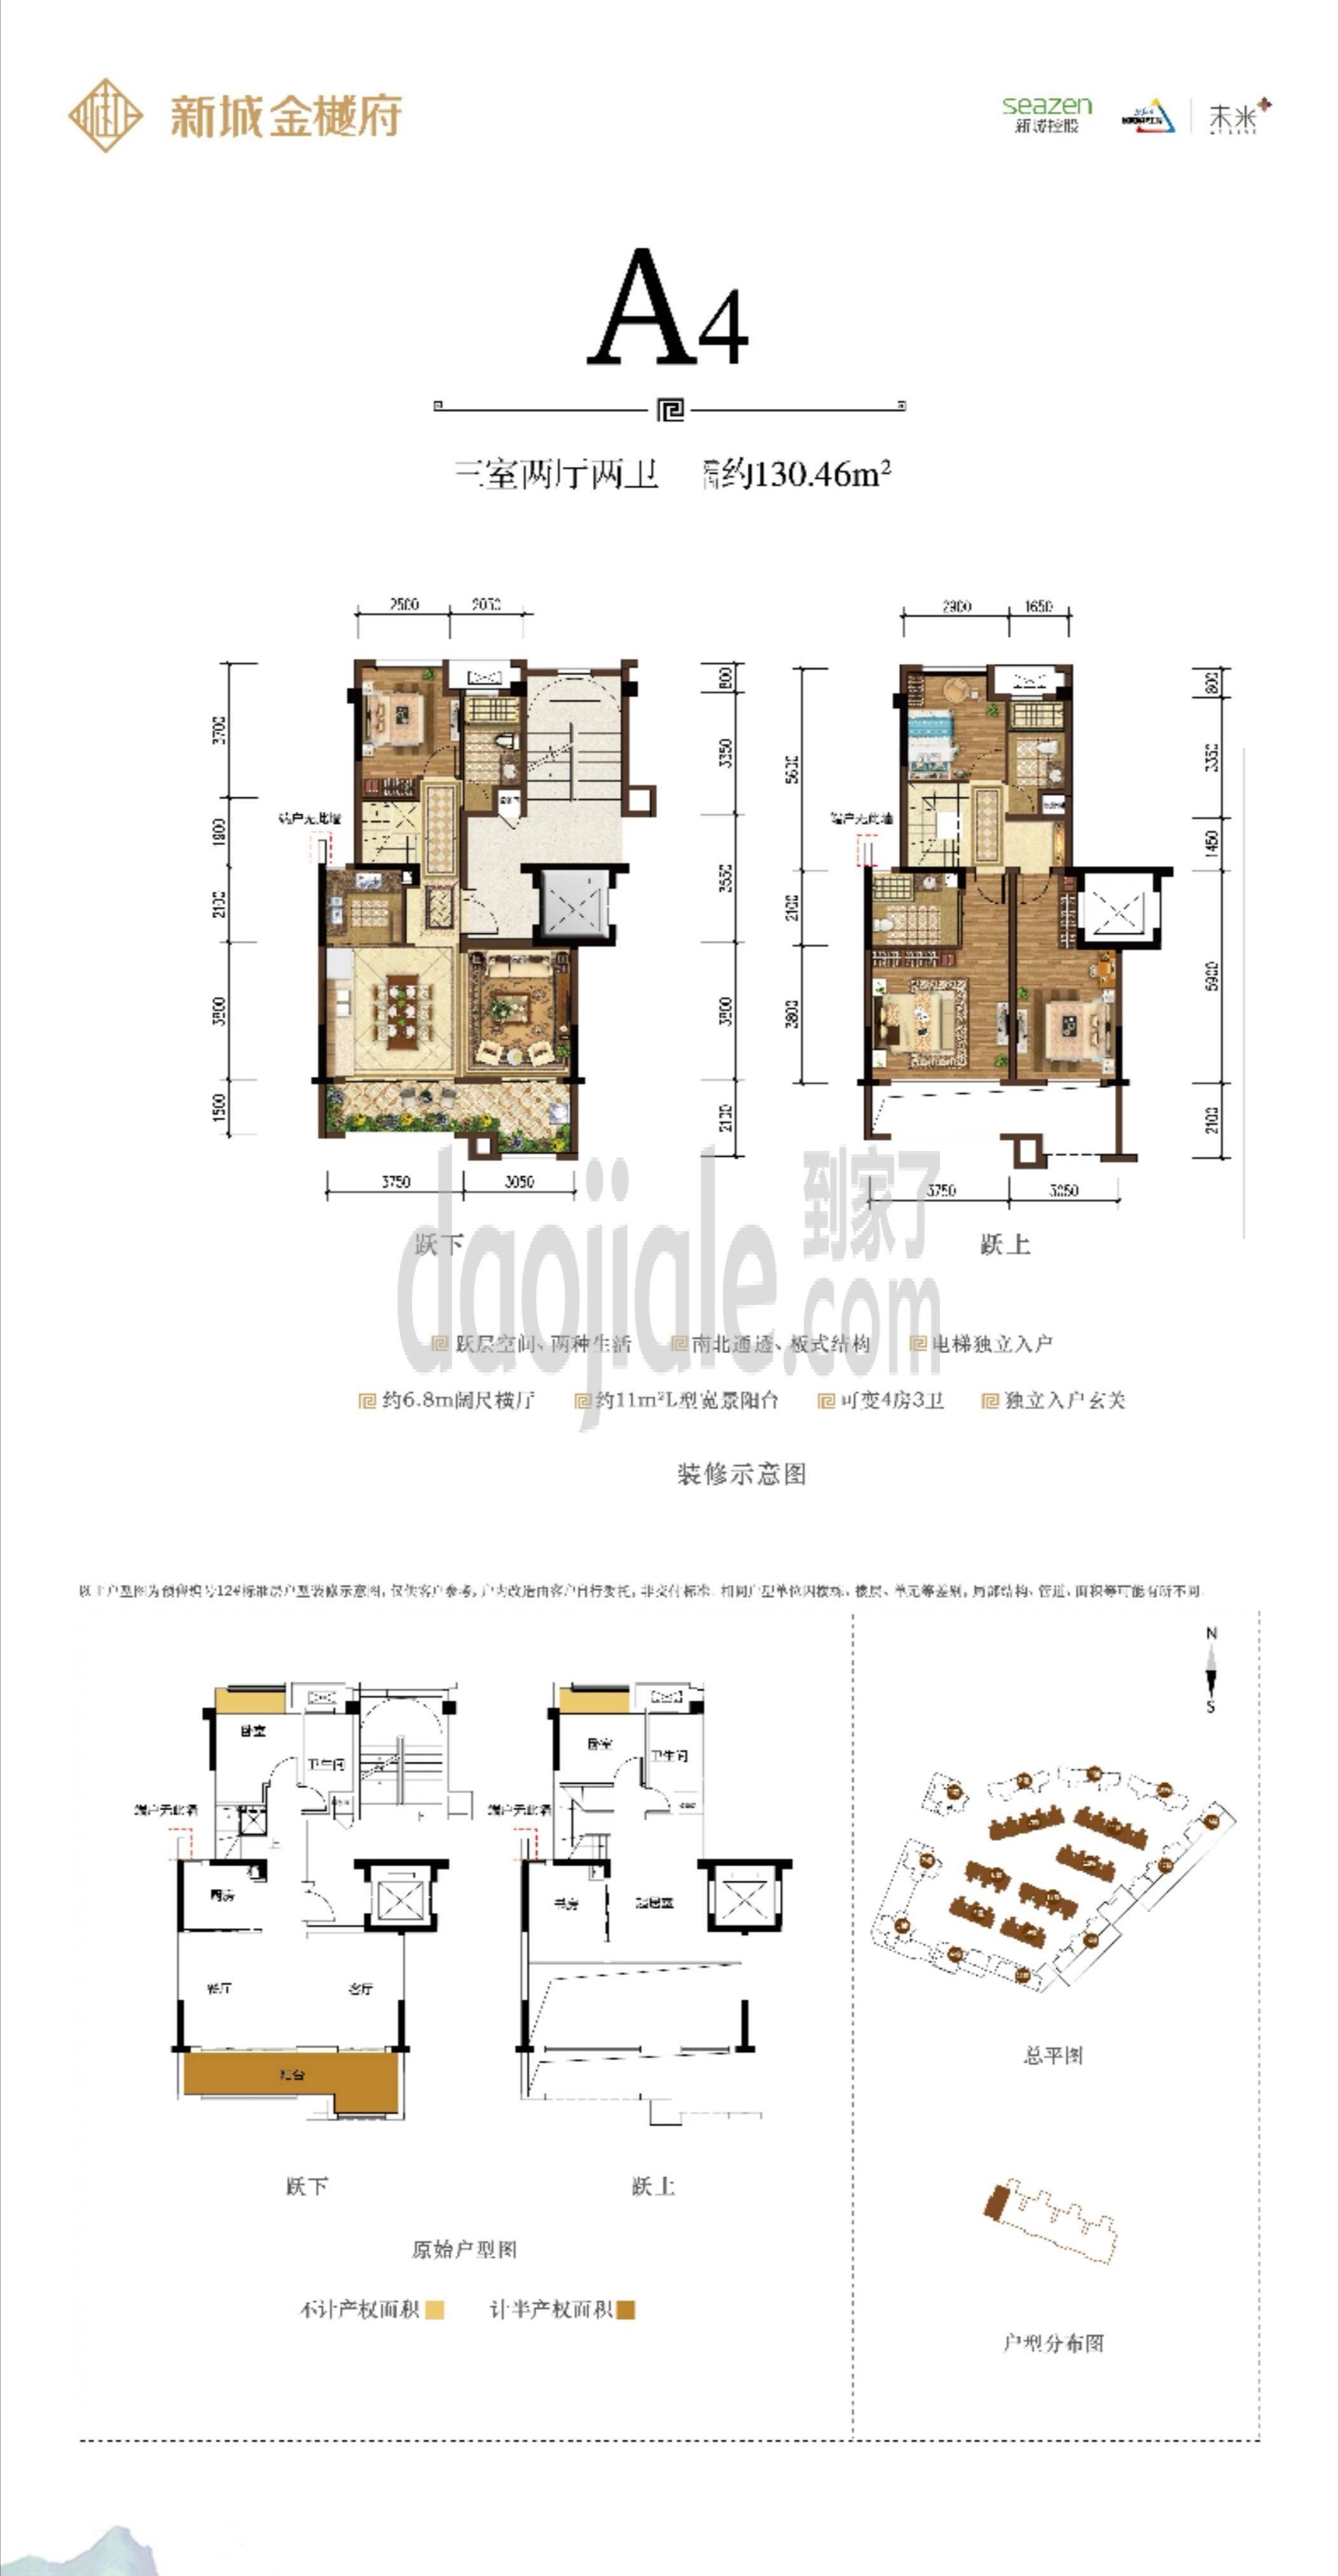 巴南区龙洲湾新城金樾府新房A4户型图